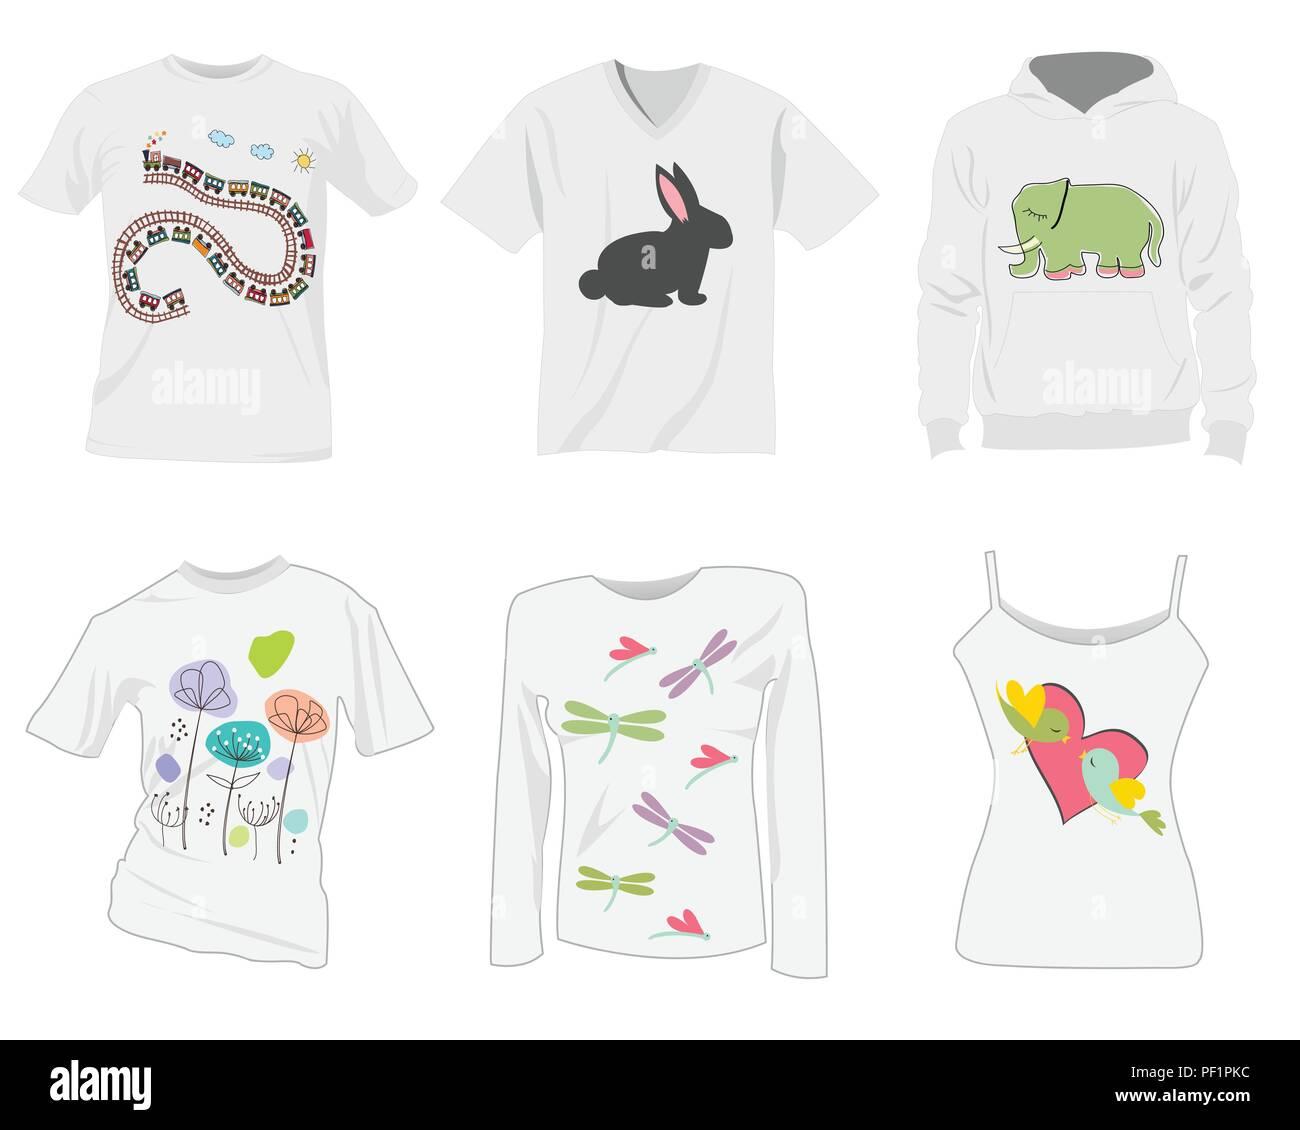 T Shirt Templates Design Vecteurs Et Illustration Image Vectorielle